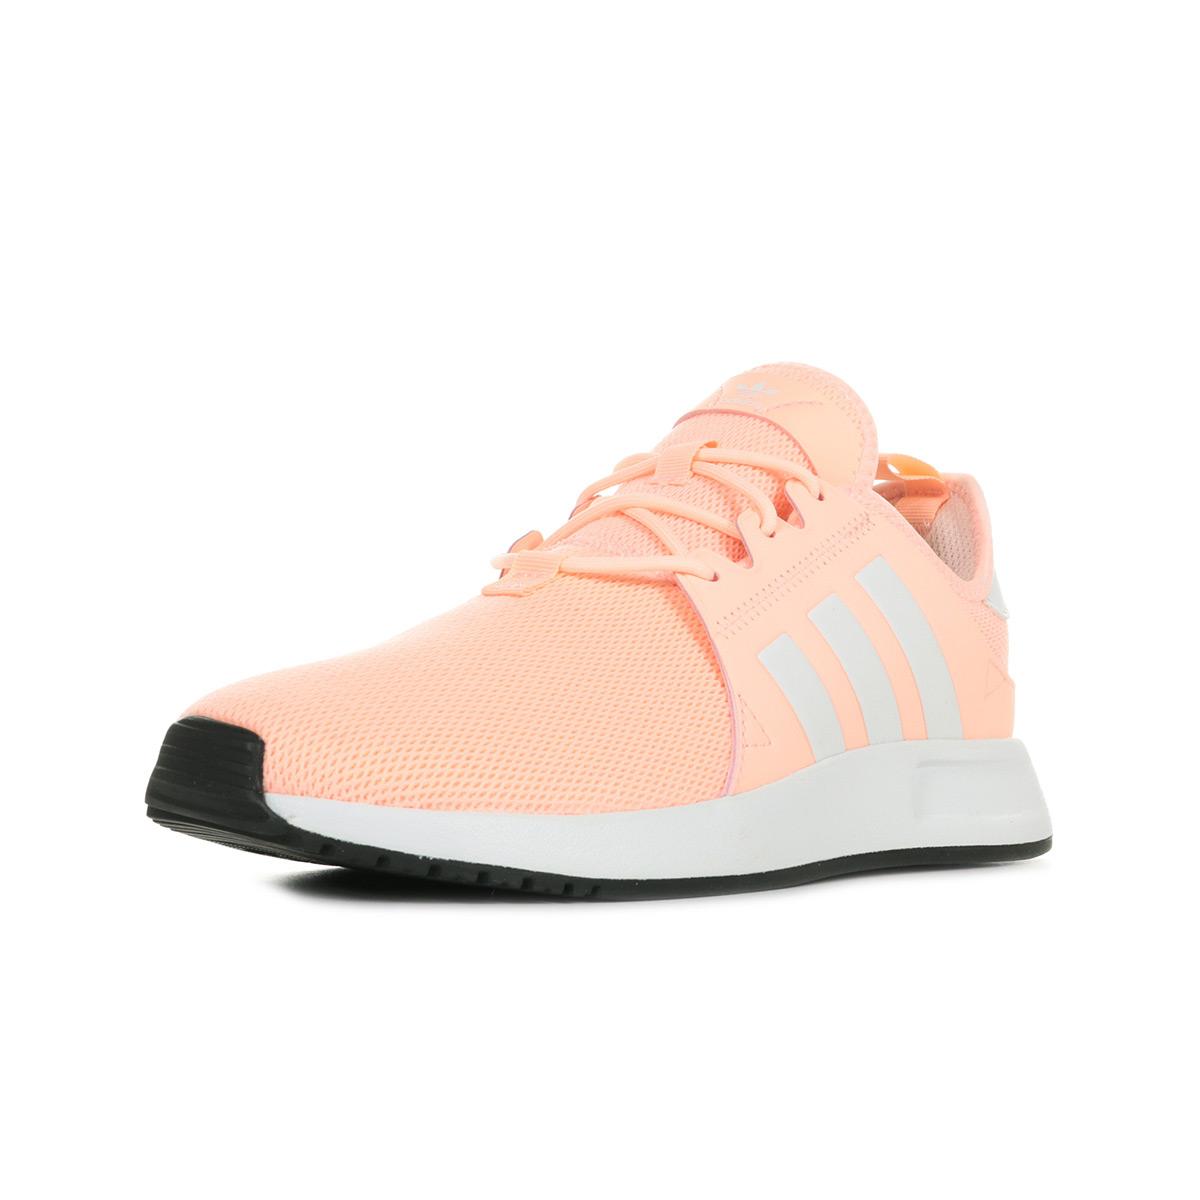 Détails sur Chaussures Baskets adidas fille X PLR J taille Rose Textile Lacets